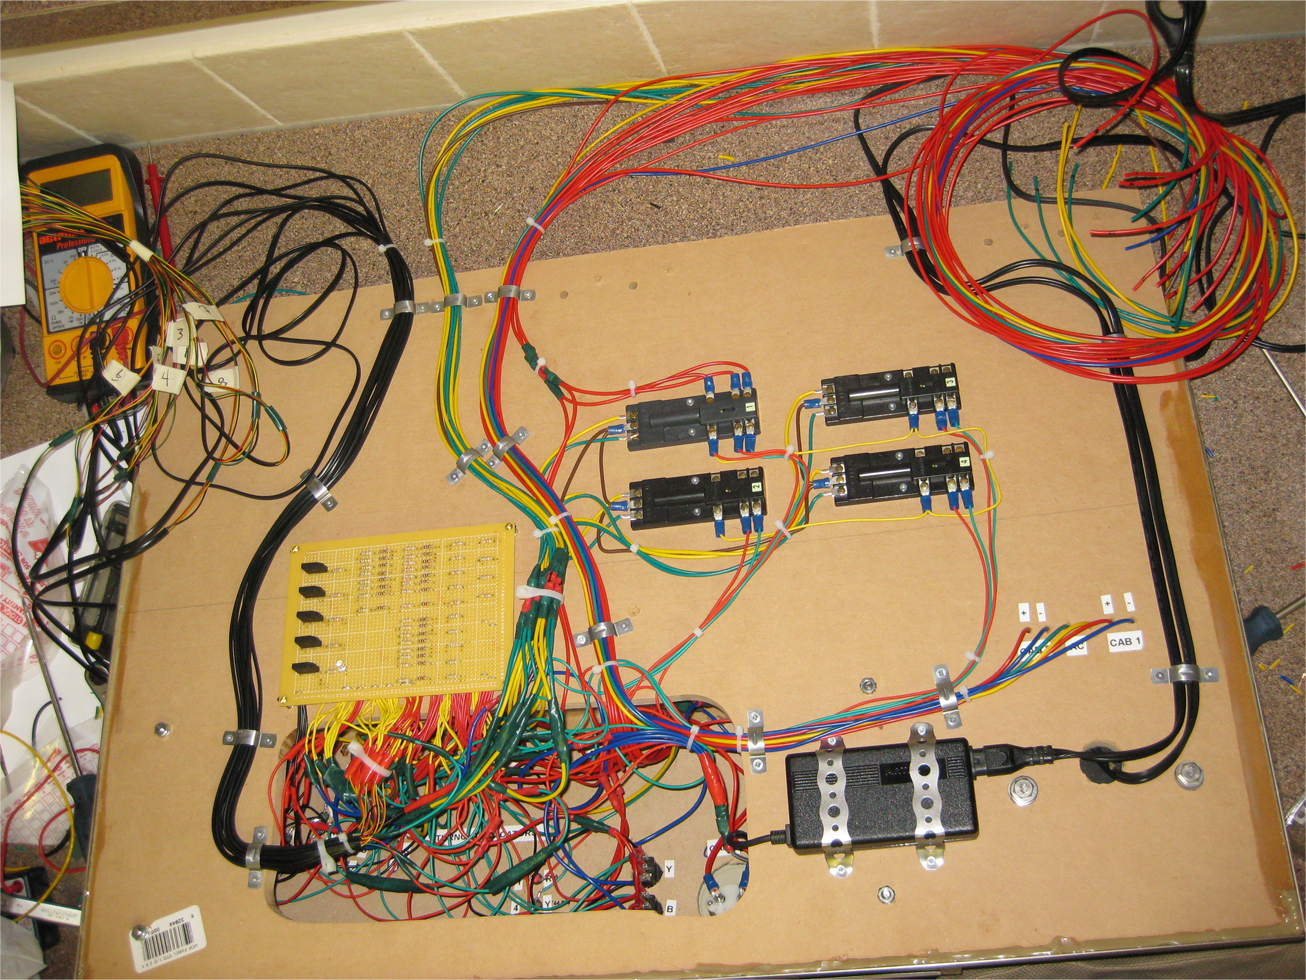 small resolution of ho model train block wiring http tysmodelrailroad blogspot com 2011